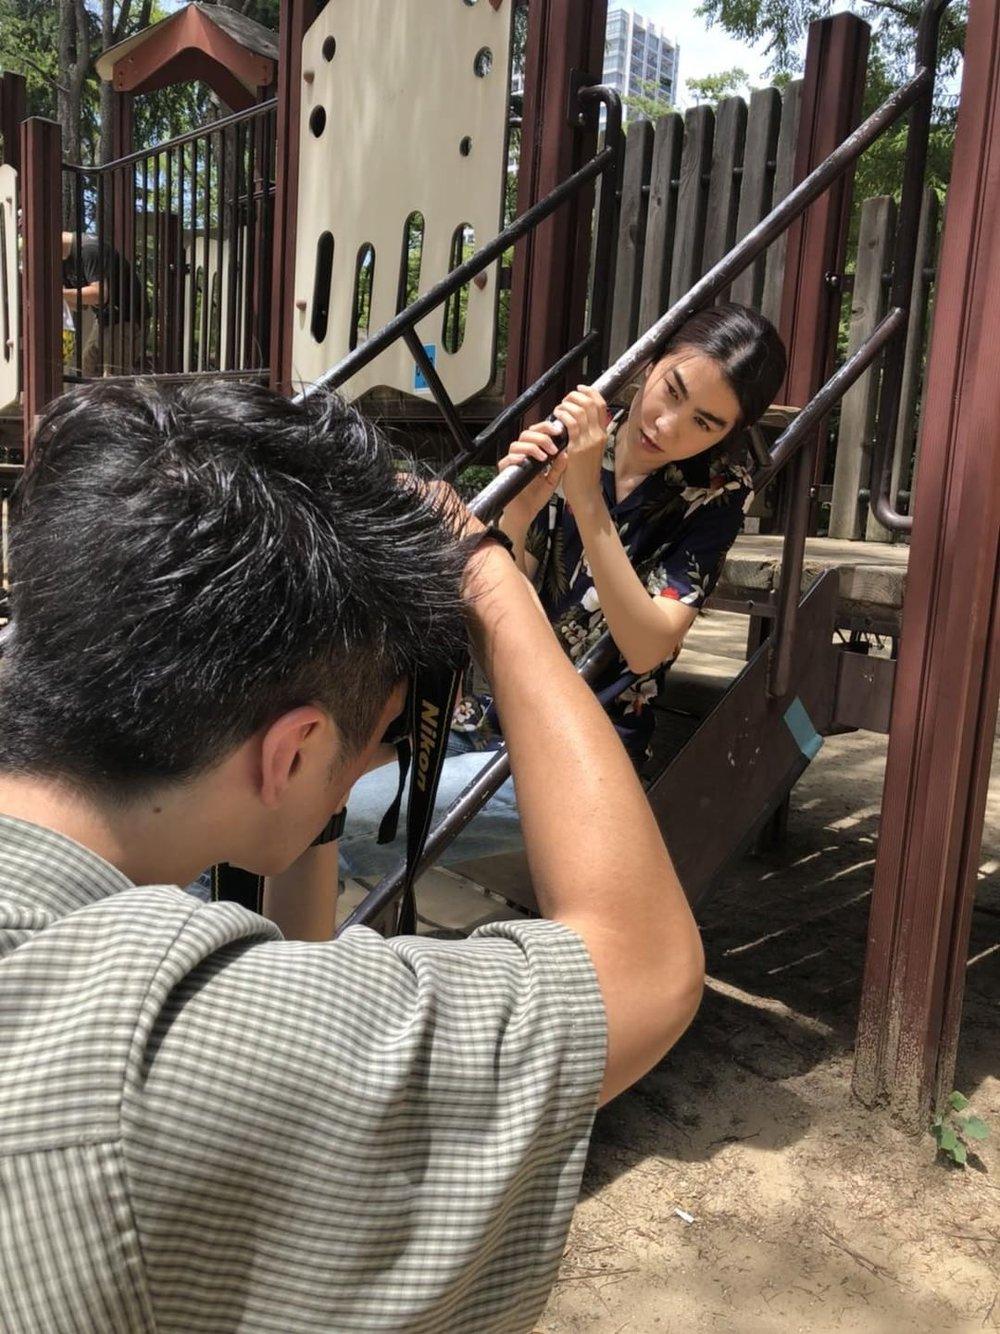 Photo Credit: Yukari Kawagishi  https://www.instagram.com/yukarikawagishi/   Model: Sonya  http://lightmodels.net/models/sonya/